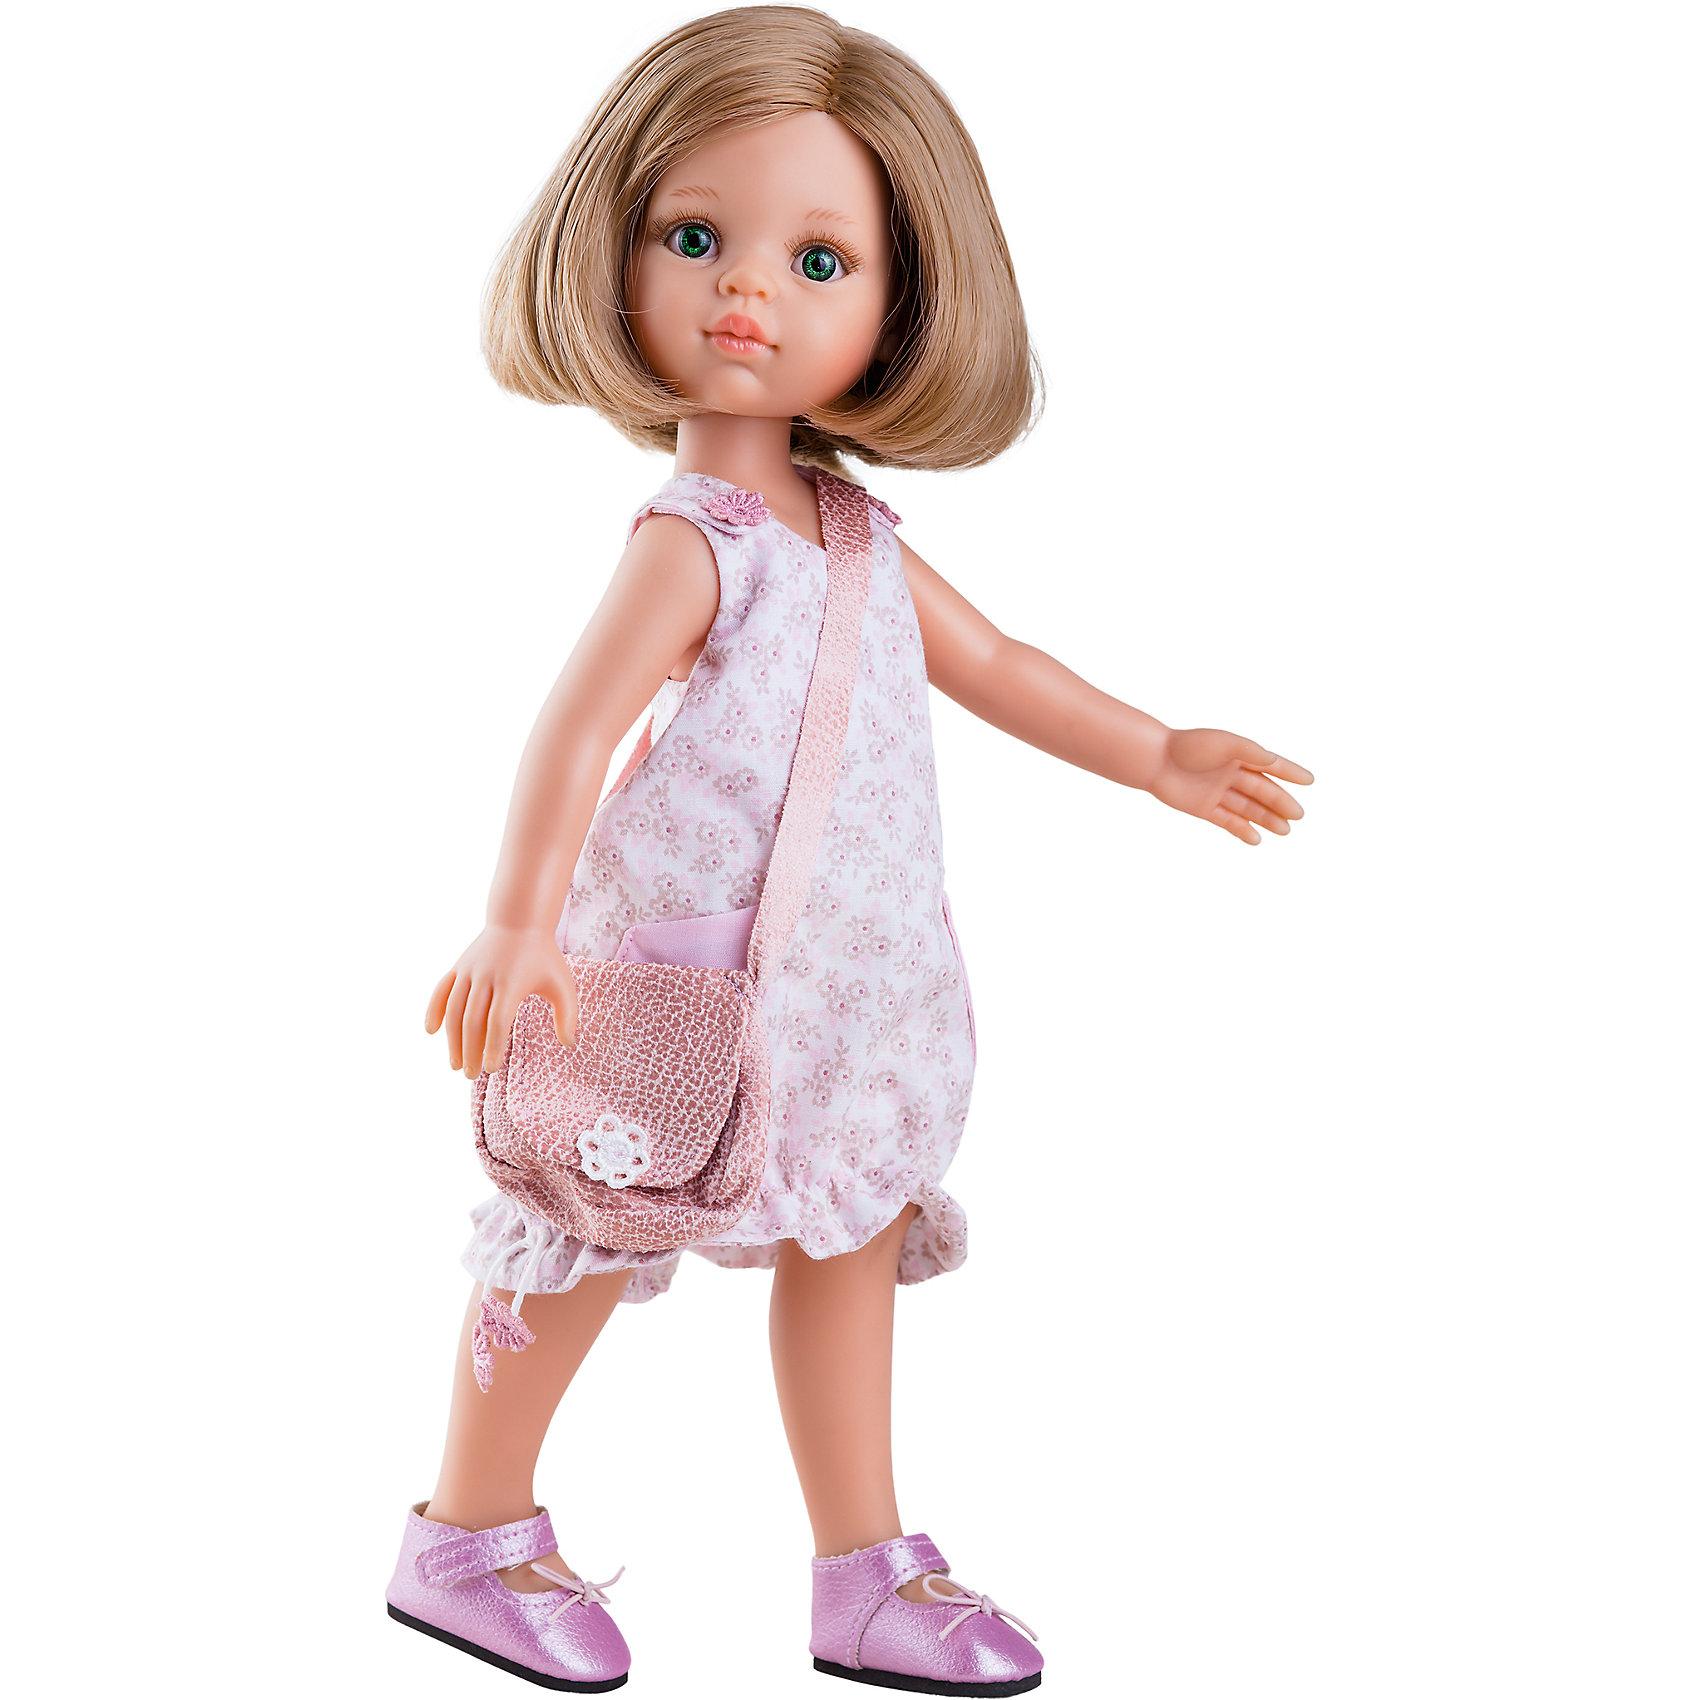 Кукла Карла, 32 см, Paola ReinaКлассические куклы<br>Кукла Карла, 32 см, Paola Reina.<br><br>Характеристики:<br><br>• Для детей в возрасте: от 3 лет<br>• Высота куклы: 32 см.<br>• Глаза не закрываются<br>• Дизайн одежды и обуви — Светланы Кривец<br>• Материалы: кукла изготовлена из винила; глаза выполнены в виде кристалла из прозрачного твердого пластика; волосы сделаны из высококачественного нейлона; наряд выполнен из качественного текстиля<br>• Упаковка: красивая картонная коробка с окошком<br><br>Кукла Карла, Paola Reina - это очаровательная блондинка, которая станет любимой подружкой для вашей девочки. У куклы густые волосы, которые уложены в стильное каре, выполненные из нейлона высокого качества и надёжно прошитые. Волосы блестят, не запутываются. Ваша девочка с легкостью может расчесывать куклу, мыть ей голову, при этом волосы не портятся и не выпадают. <br><br>Лицо куклы выглядит очень правдоподобно за счет тщательно проработанных черт. Большие глаза с длинными ресничками, легкий румянец на щечках, курносый носик и аккуратные губки – Карла завораживает. Глаза куклы не закрываются. <br><br>Карла одета очень красиво и стильно: на ней розовое платье в цветочек с накладными карманами и подолом на резинке, а дополняет образ модницы сумочка через плечо в той же цветовой гамме. На ножках у куклы стильные лиловые туфельки с блестящим покрытием. Одежду можно снимать. <br><br>Кукла имеет пропорциональное телосложение. Голова, руки и ноги подвижны. Тело куклы выполнено из приятного на ощупь нежного бархатистого высококачественного винила, который имеет лёгкий аромат ванили. <br><br>Материалы, из которых изготовлена кукла, прошли все необходимые проверки на безопасность для детей. Качество подтверждено нормами безопасности EN71 ЕЭС.<br><br>Куклу Карла, 32 см, Paola Reina можно купить в нашем интернет-магазине.<br><br>Ширина мм: 375<br>Глубина мм: 175<br>Высота мм: 105<br>Вес г: 625<br>Возраст от месяцев: 36<br>Возраст до месяцев: 144<br>Пол: Женский<br>Возраст: Детский<